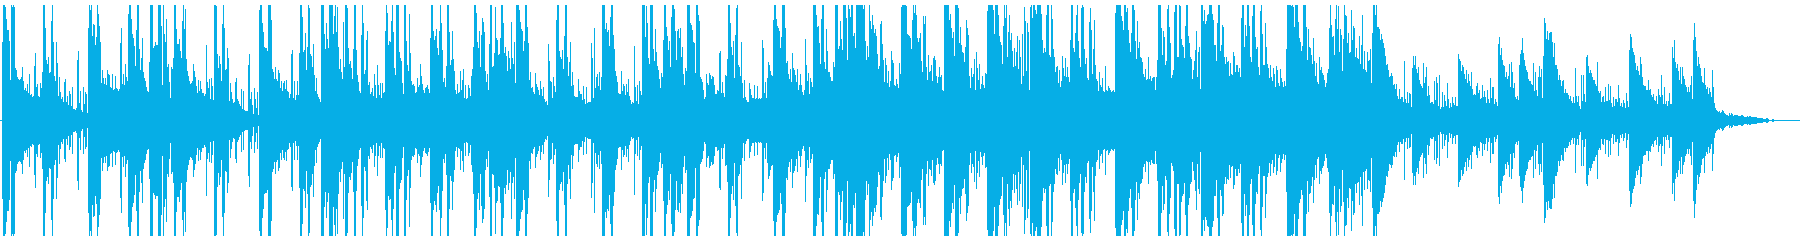 アドベンチャーゲーム向け研究所BGMの再生済みの波形